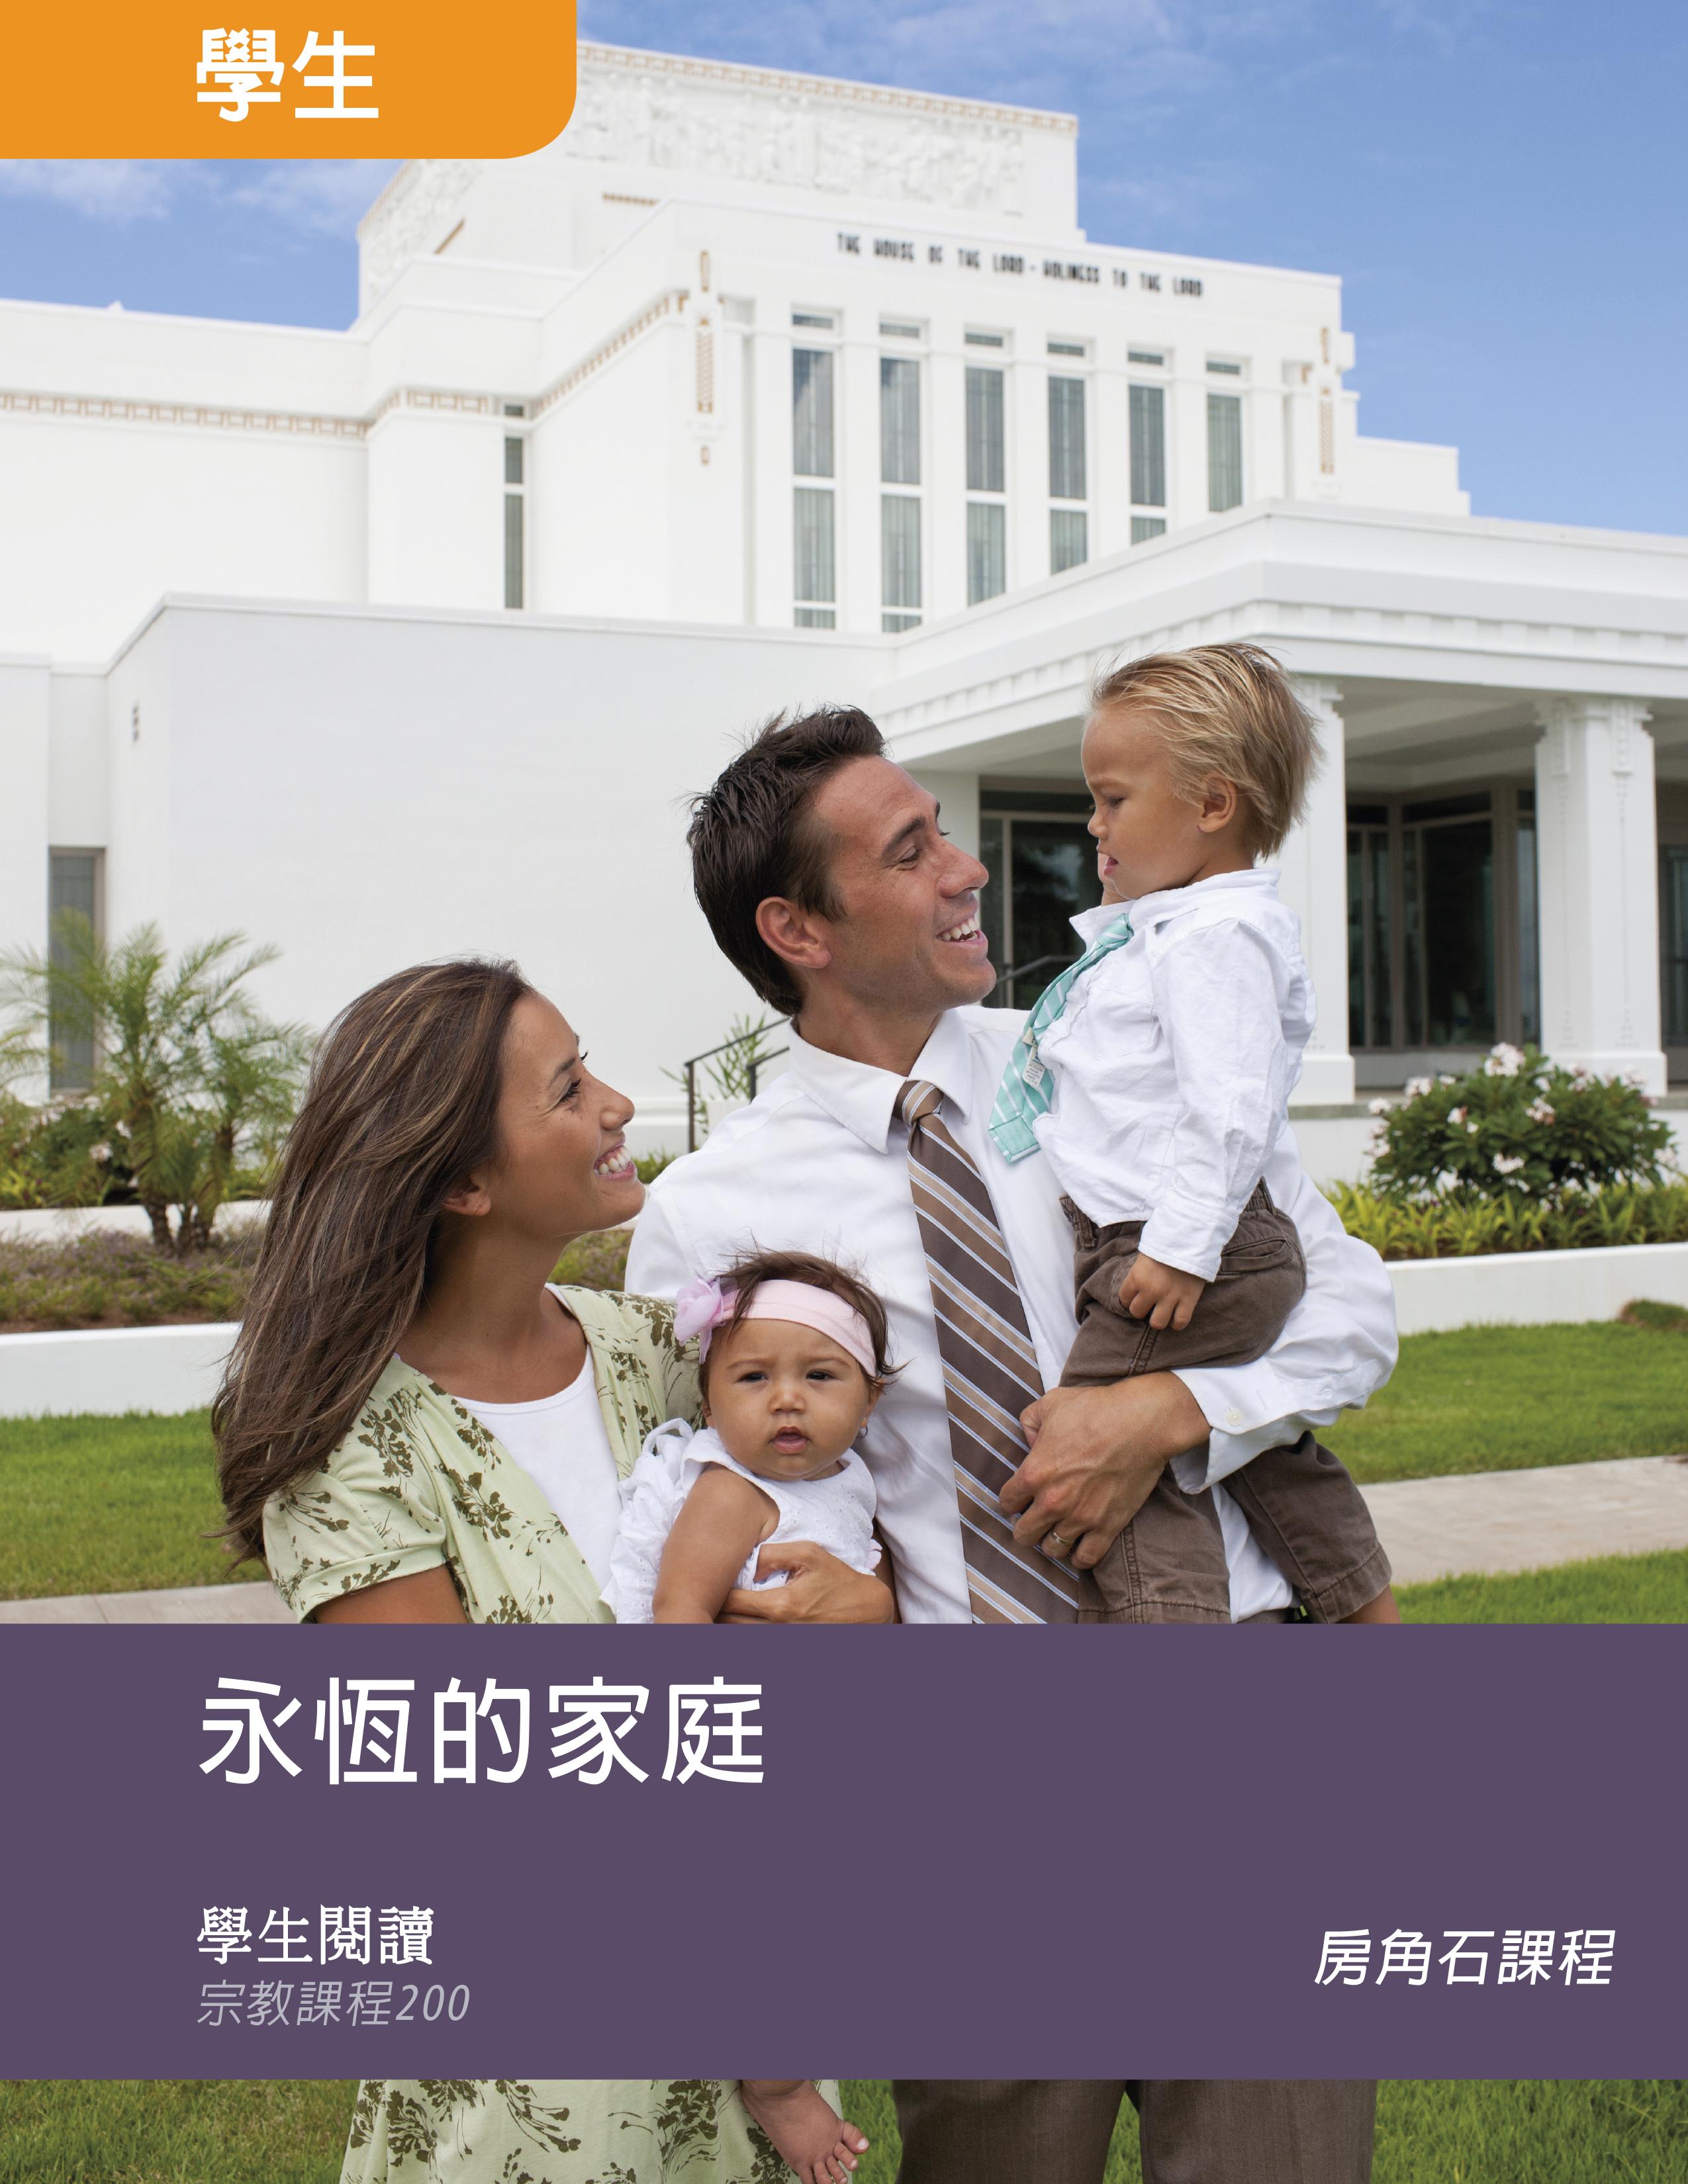 永恆家庭學生閱讀(宗教課程200)